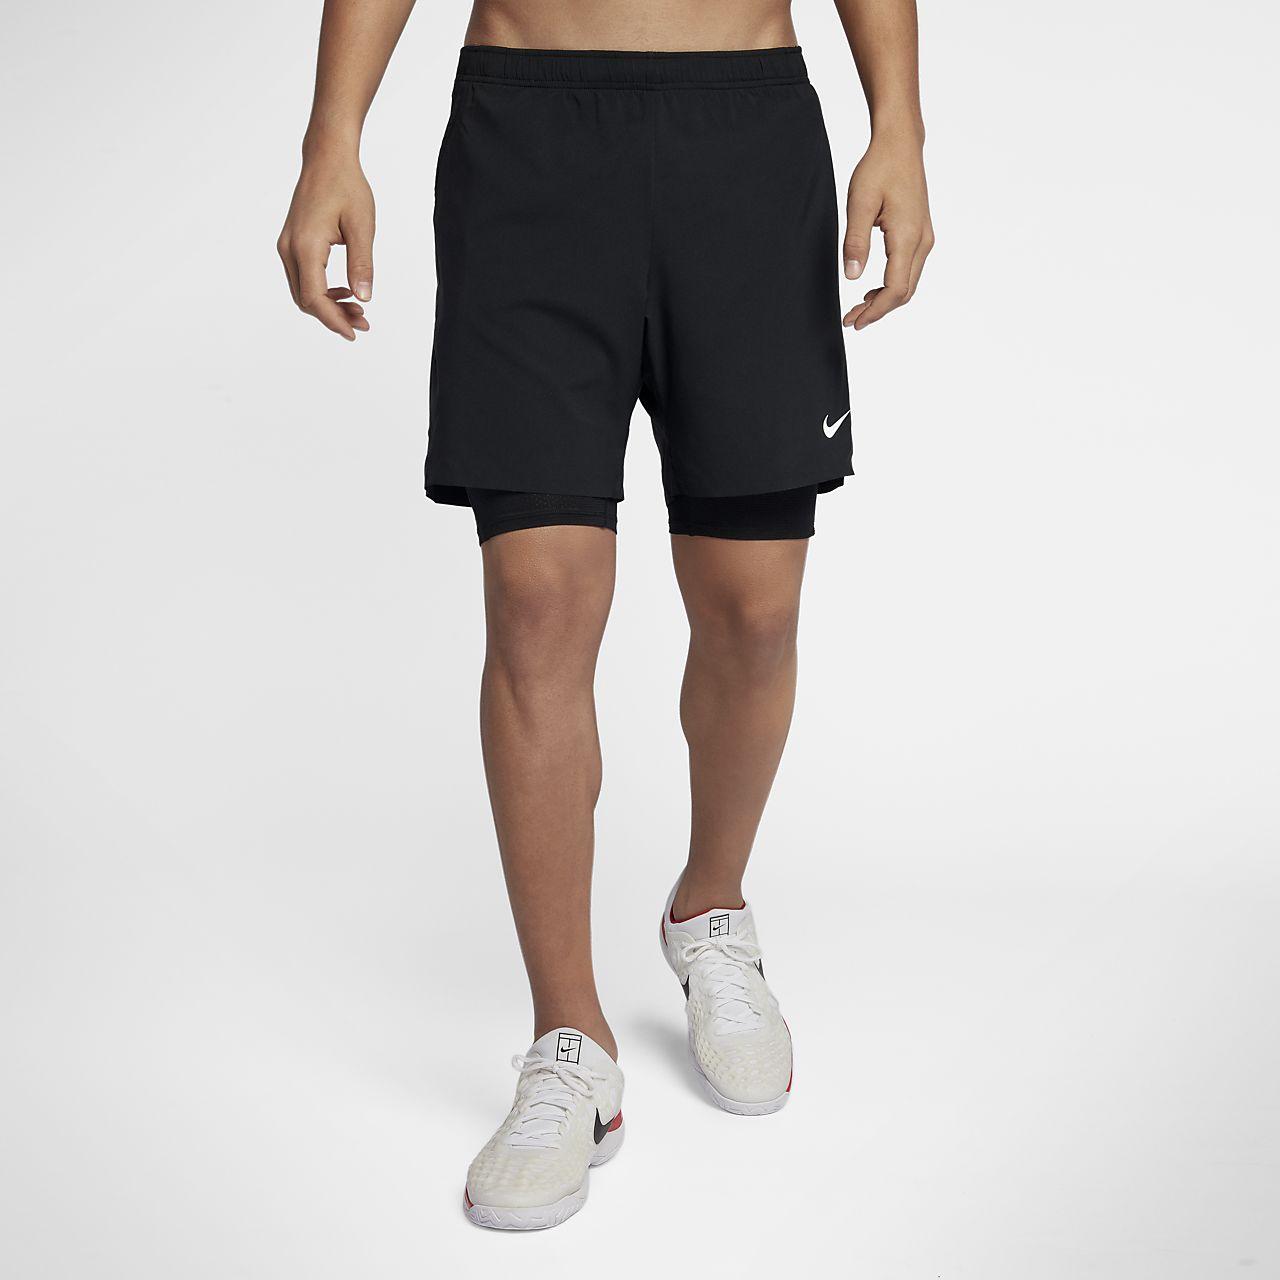 9ec6c286e19 Pánské 18cm tenisové kraťasy NikeCourt Flex Ace. Nike.com CZ